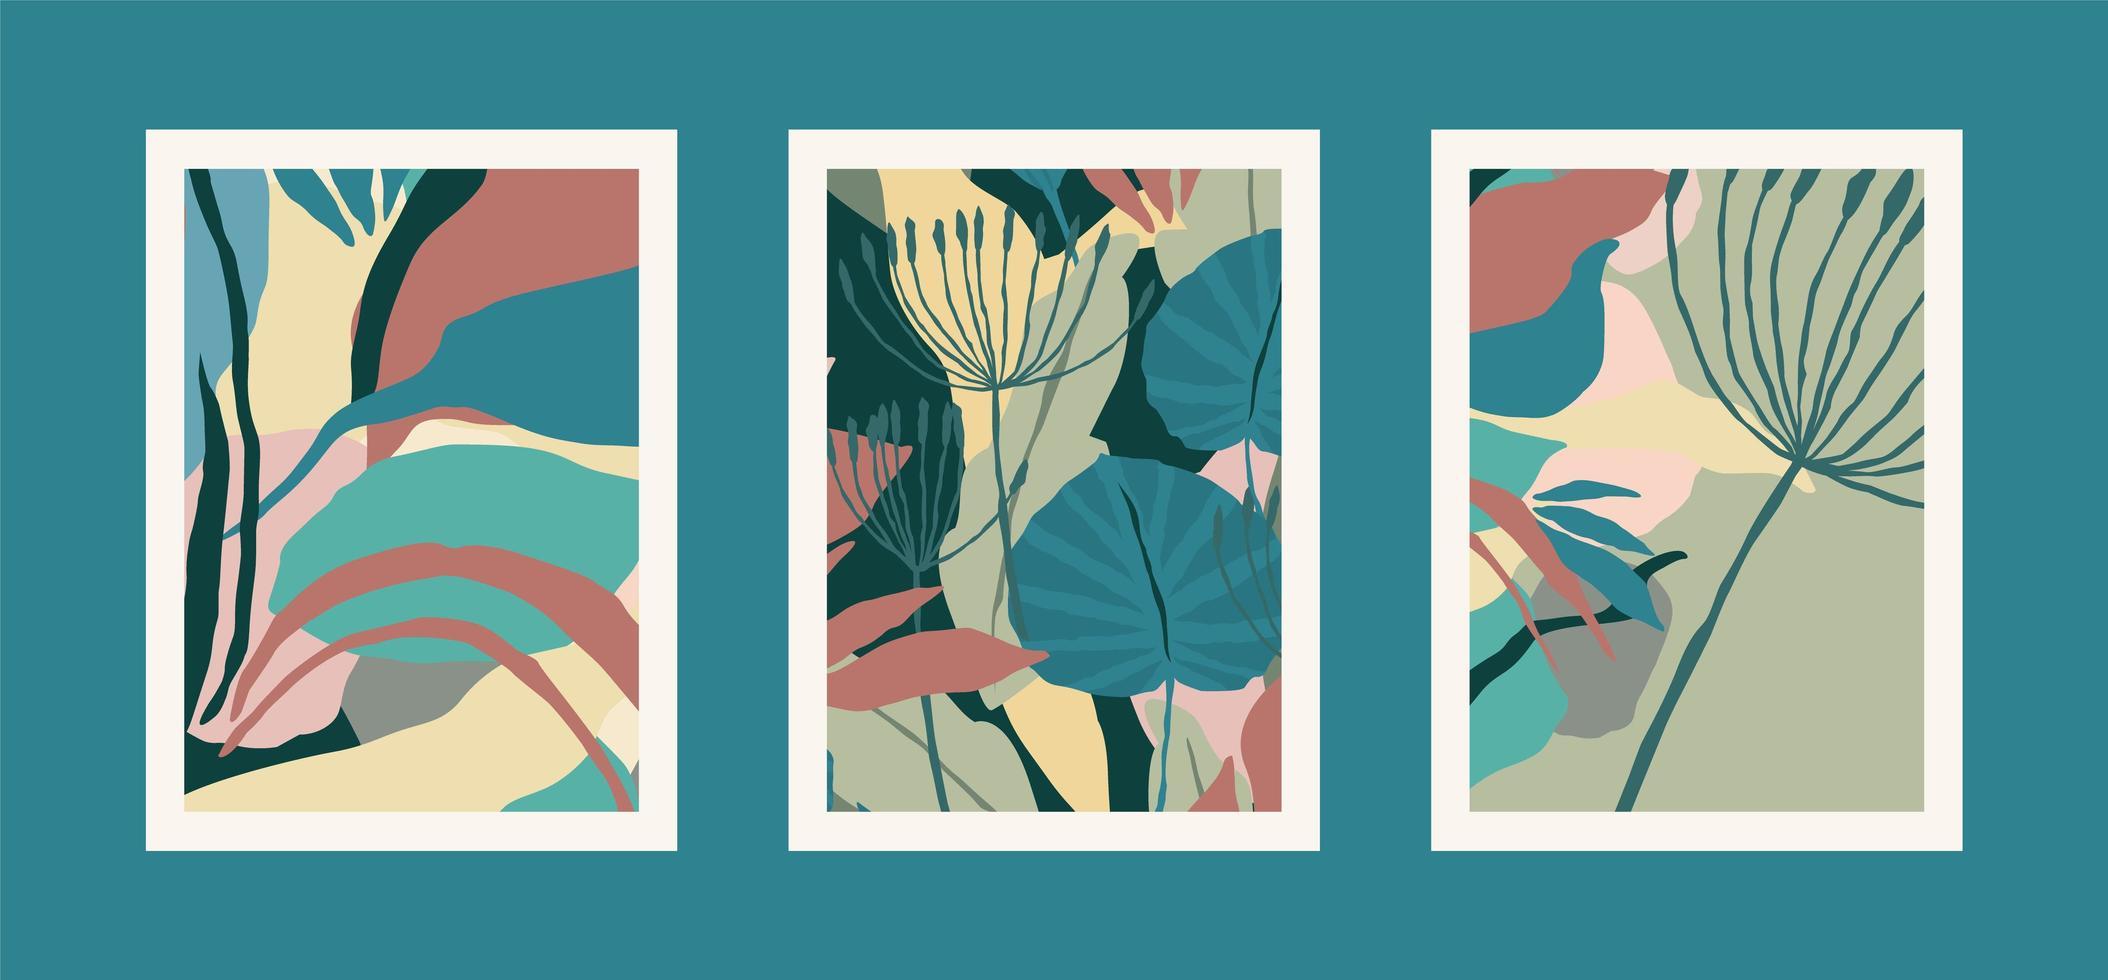 Sammlung von Kunstdrucken mit abstrakten Blättern vektor